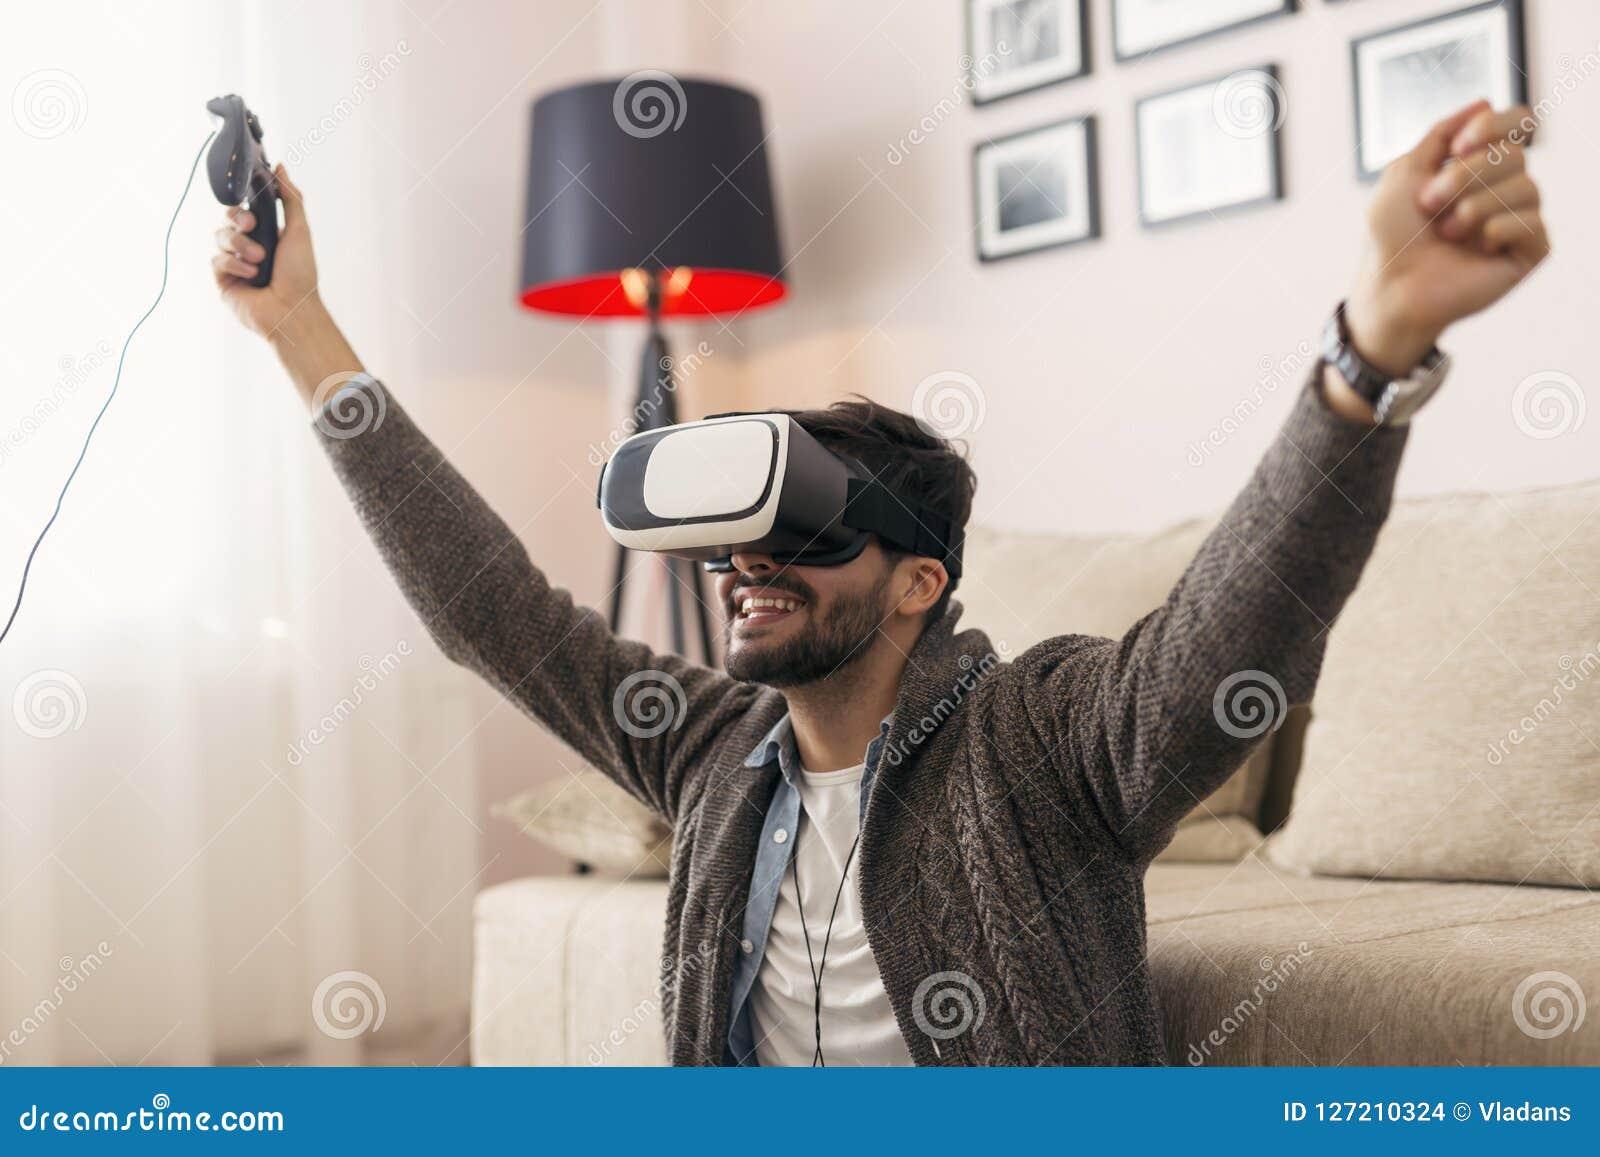 Jugar a un juego de VR